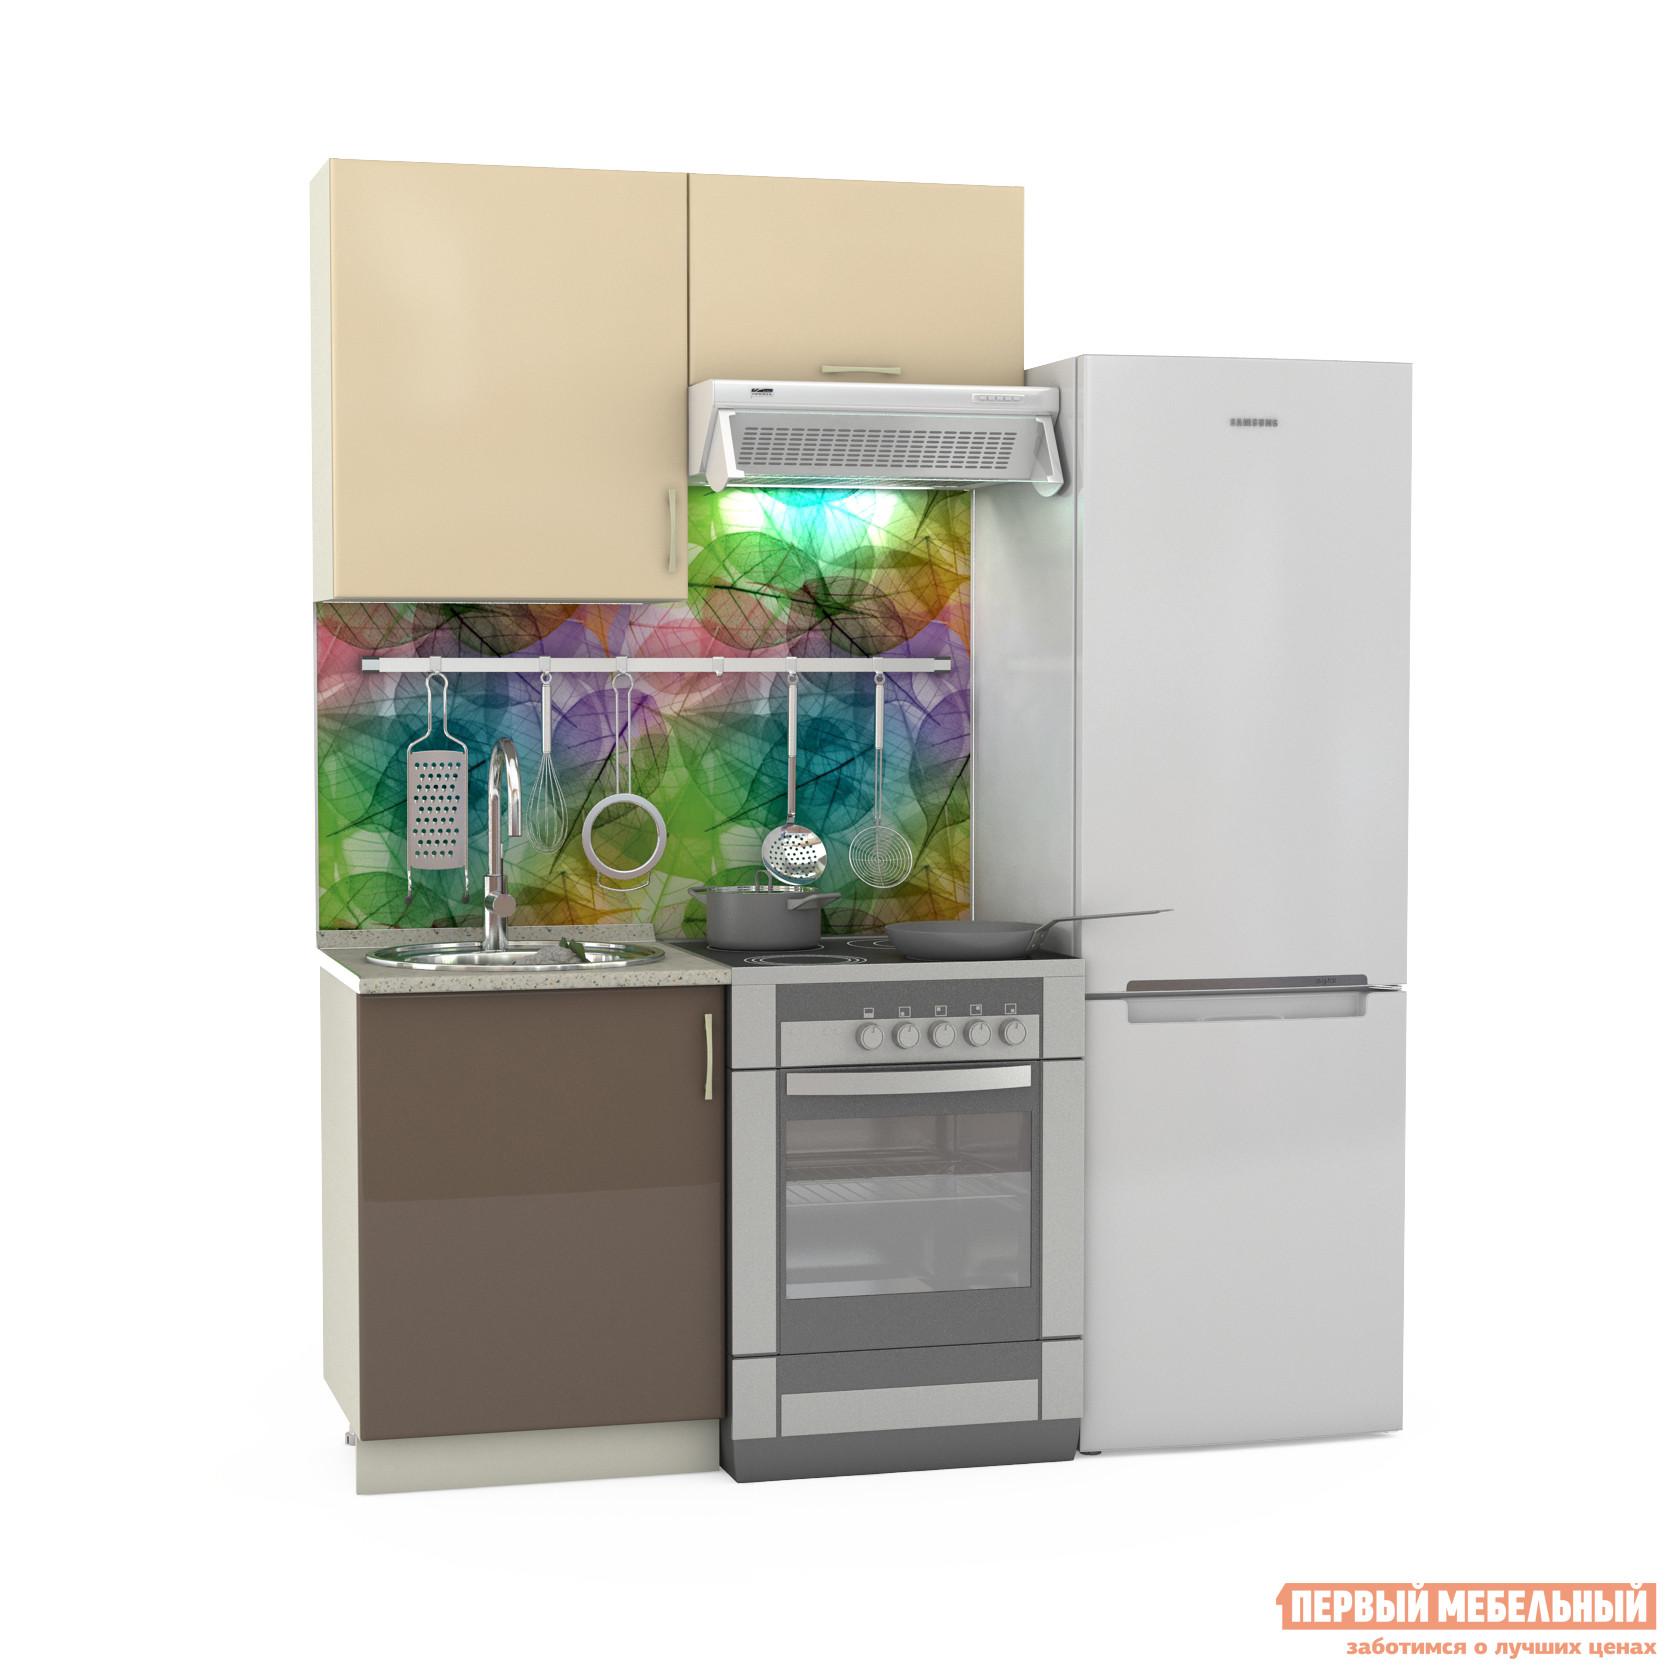 Кухонный гарнитур Бит и Байт Сандра-1 120 см кухонный гарнитур латте 1 1